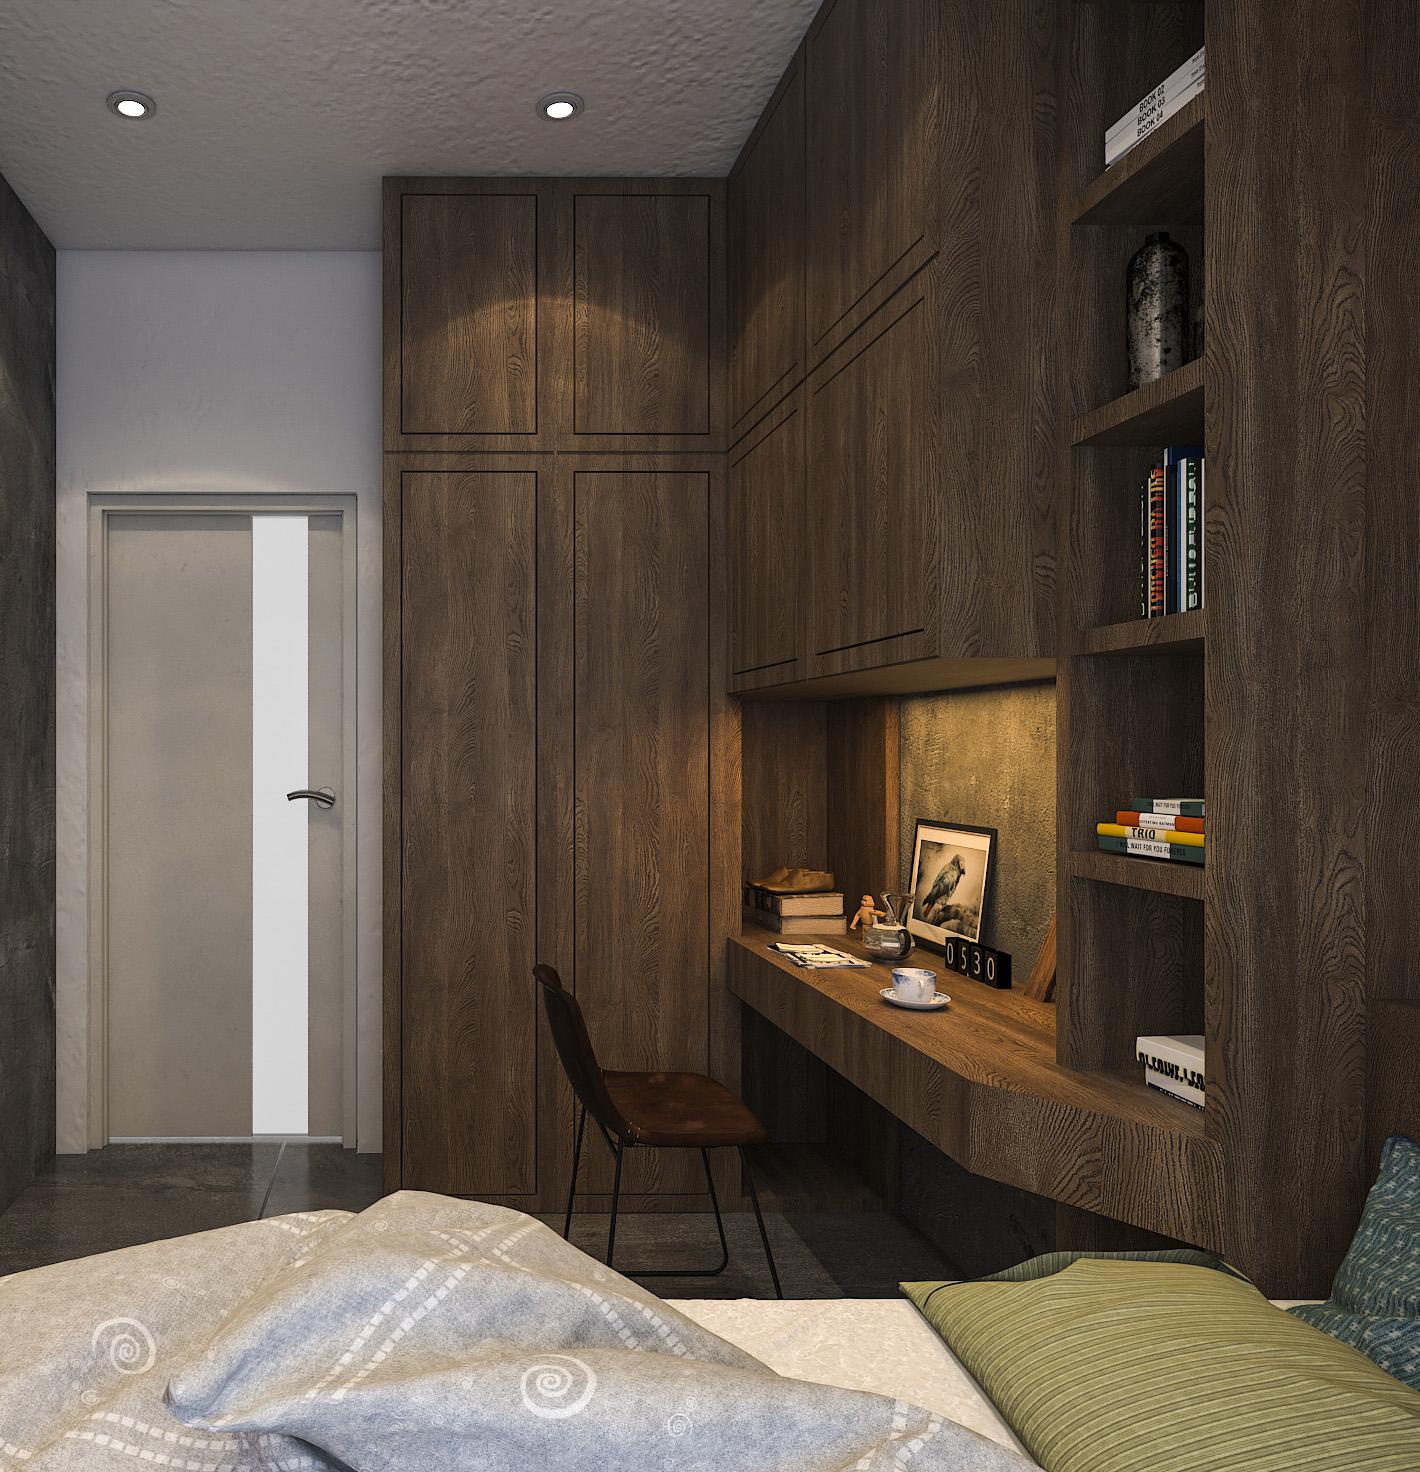 thiết kế nội thất chung cư tại Hồ Chí Minh Mr. Thuận Apartment 17 1544198878